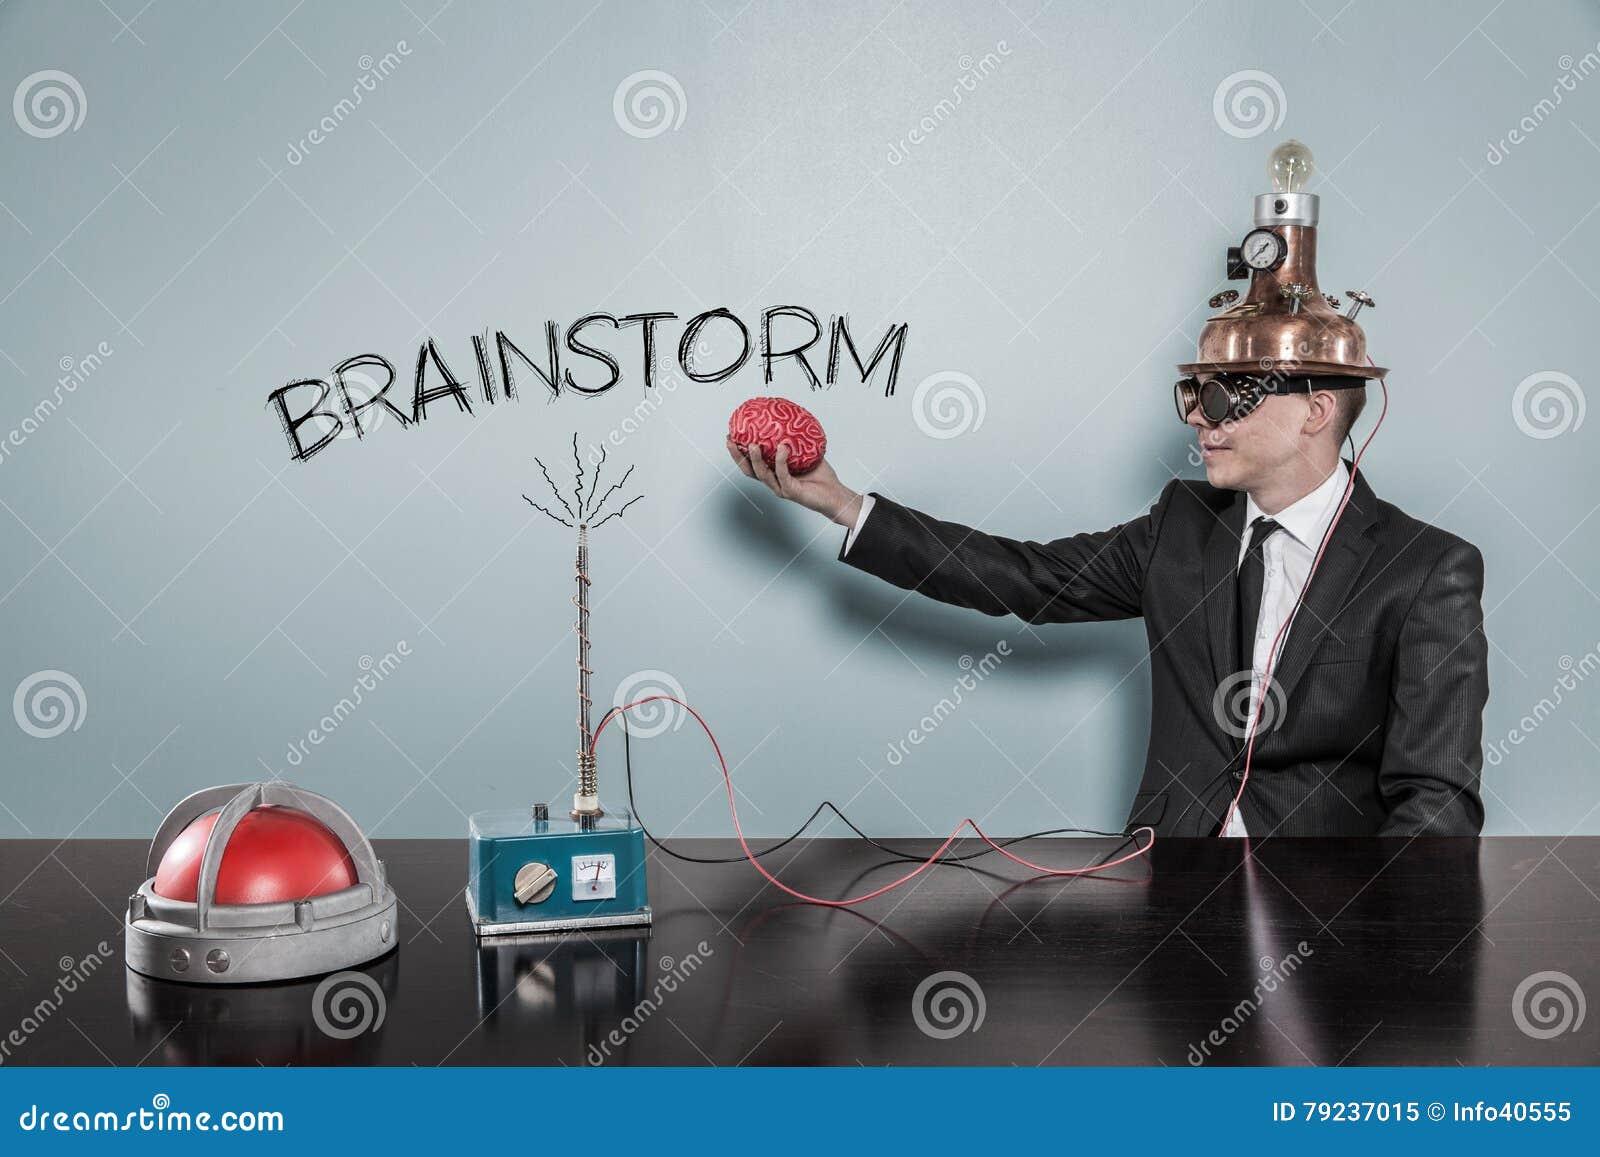 Έννοια καταιγισμού ιδεών με τον εγκέφαλο εκμετάλλευσης επιχειρηματιών